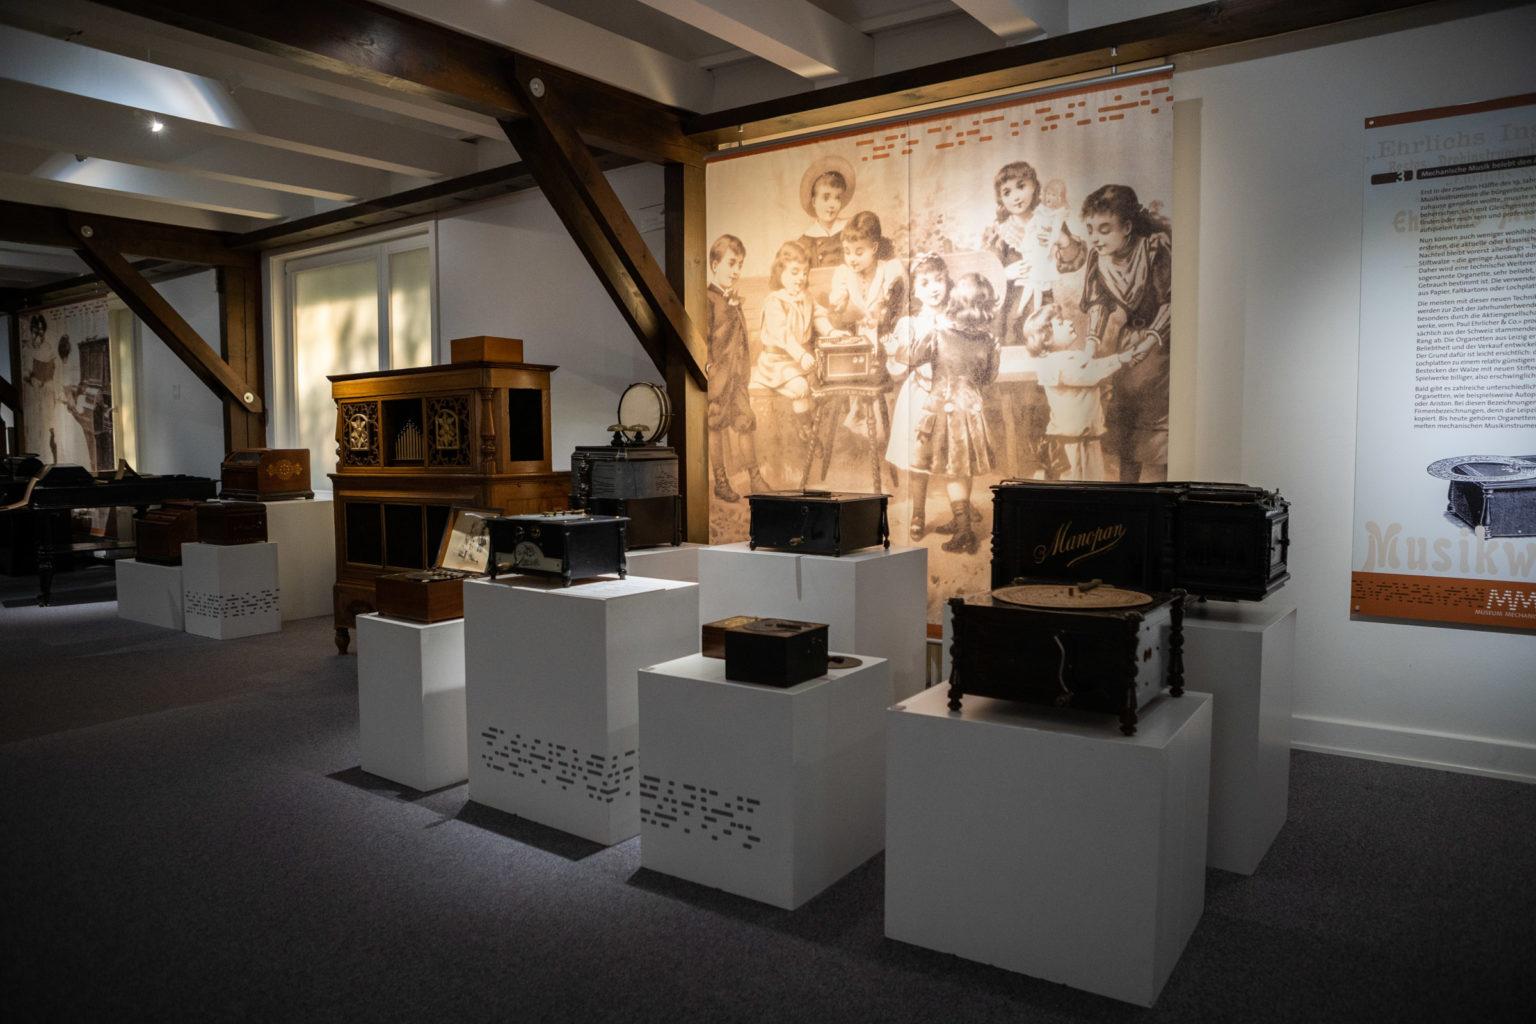 museum-mechanische-musikinstrumente-koenigslutter-05